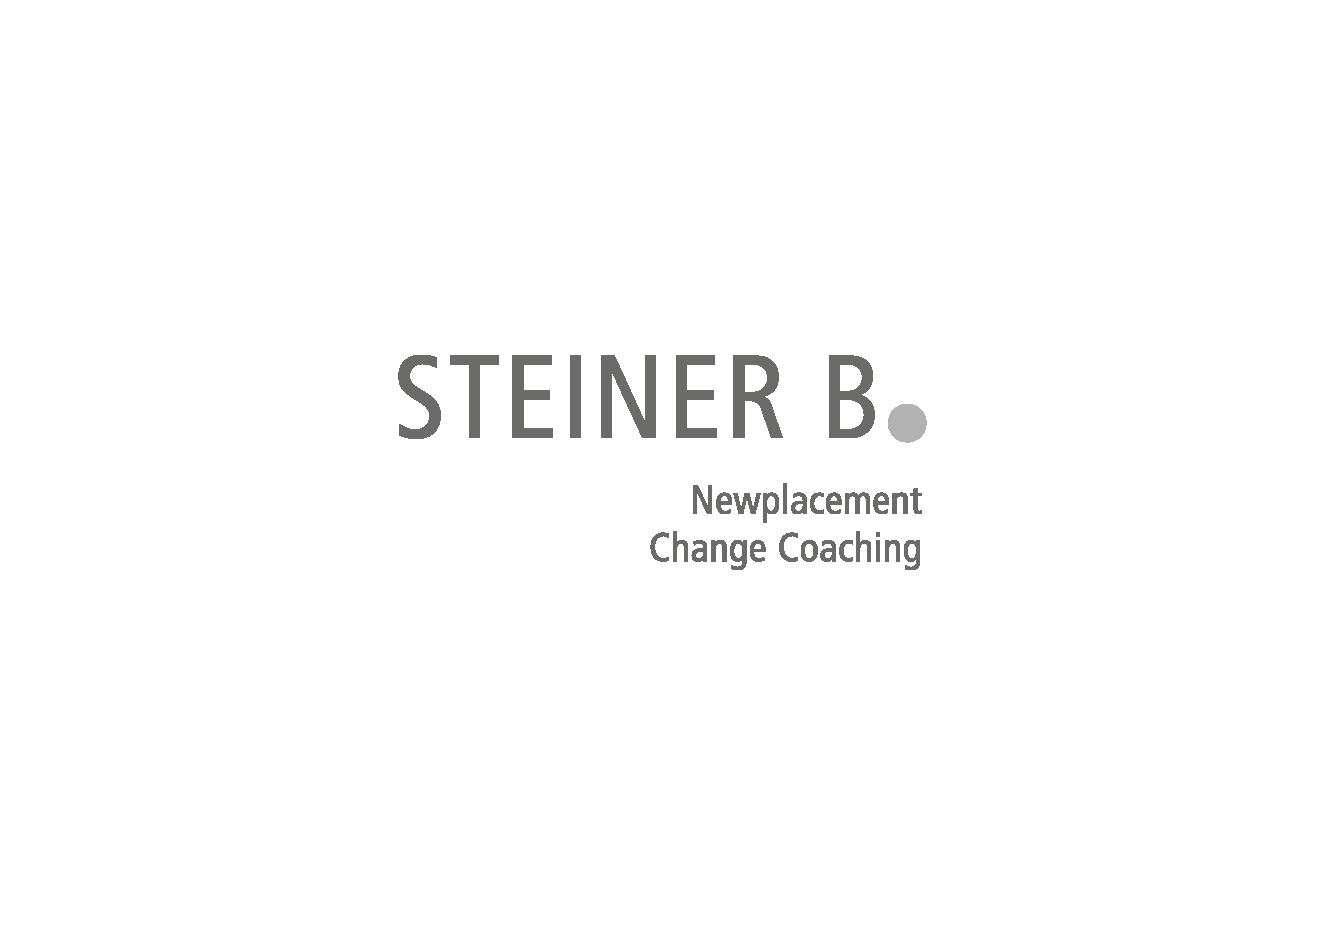 steinerb